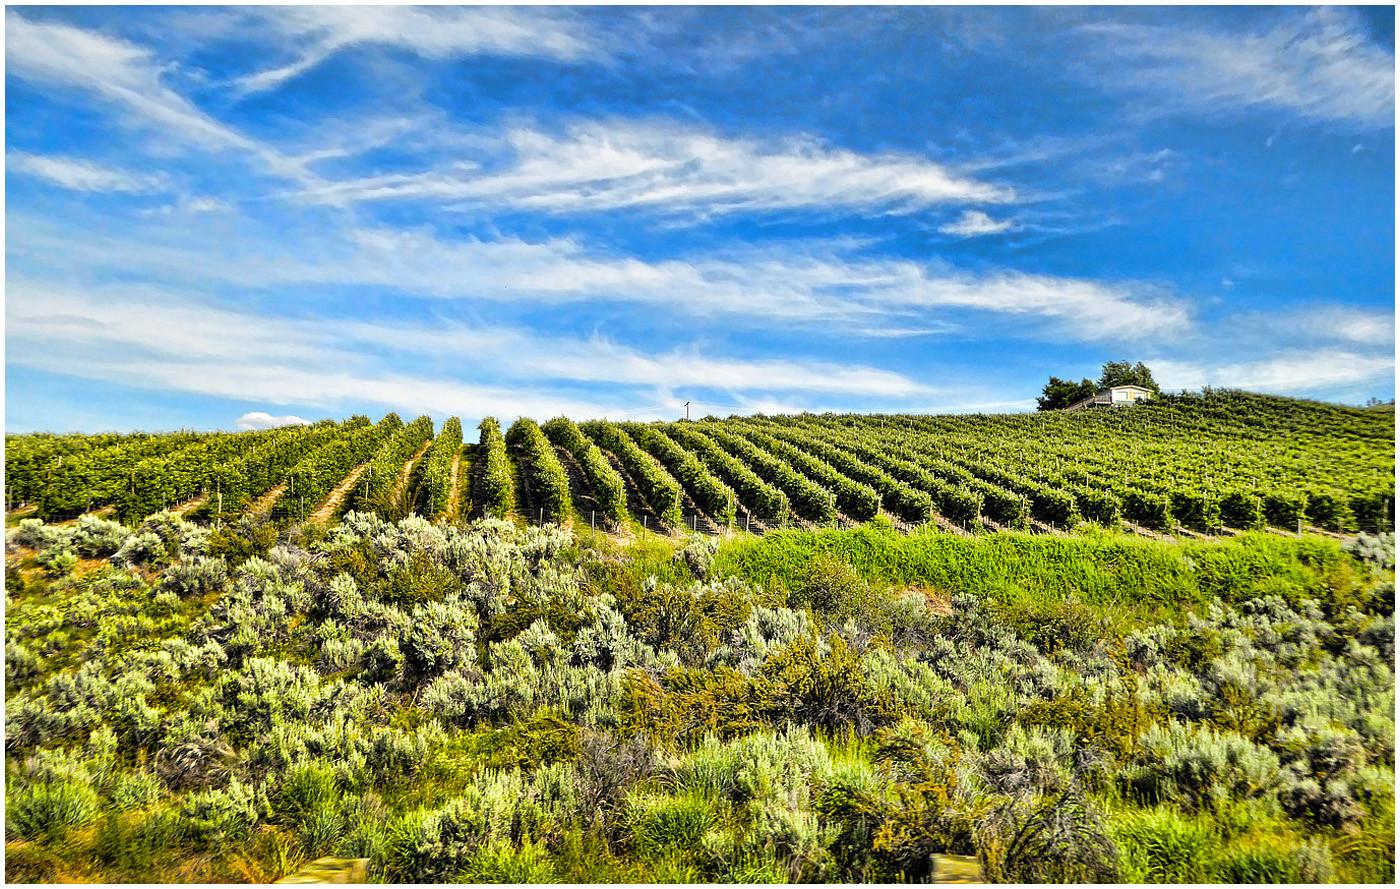 Vineyards in Washington